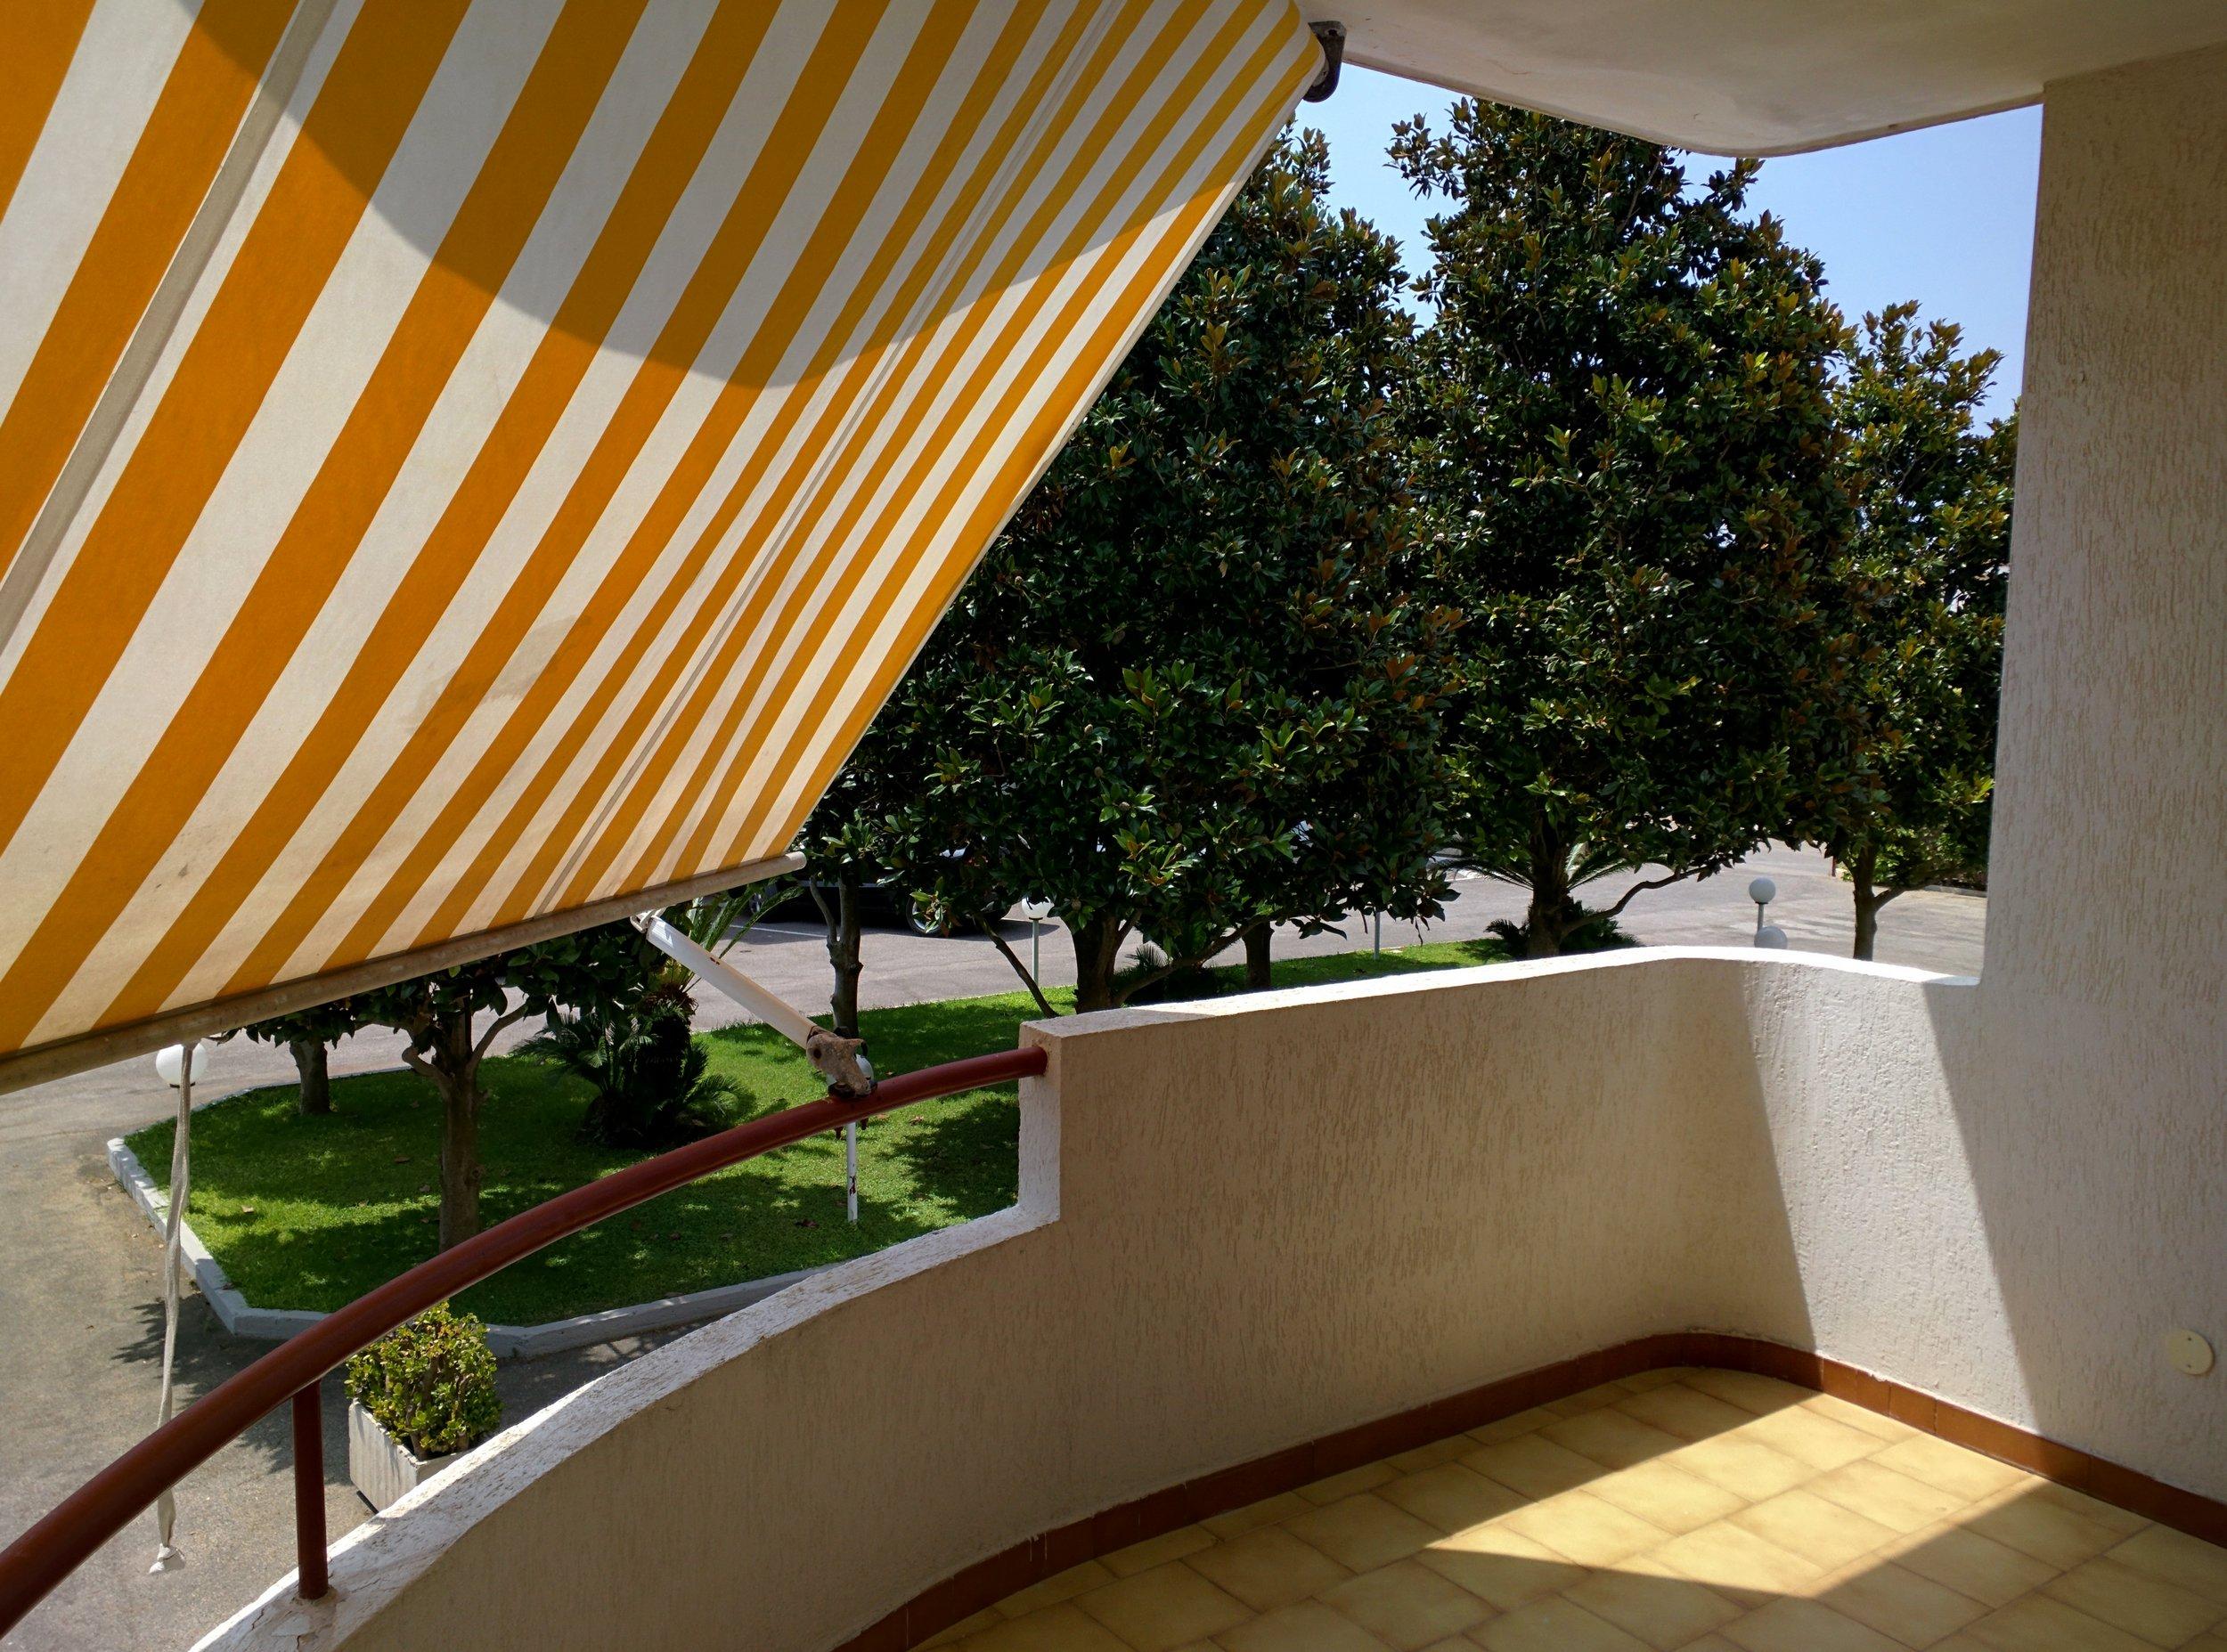 Terrazzo abitabile con tenda da sole